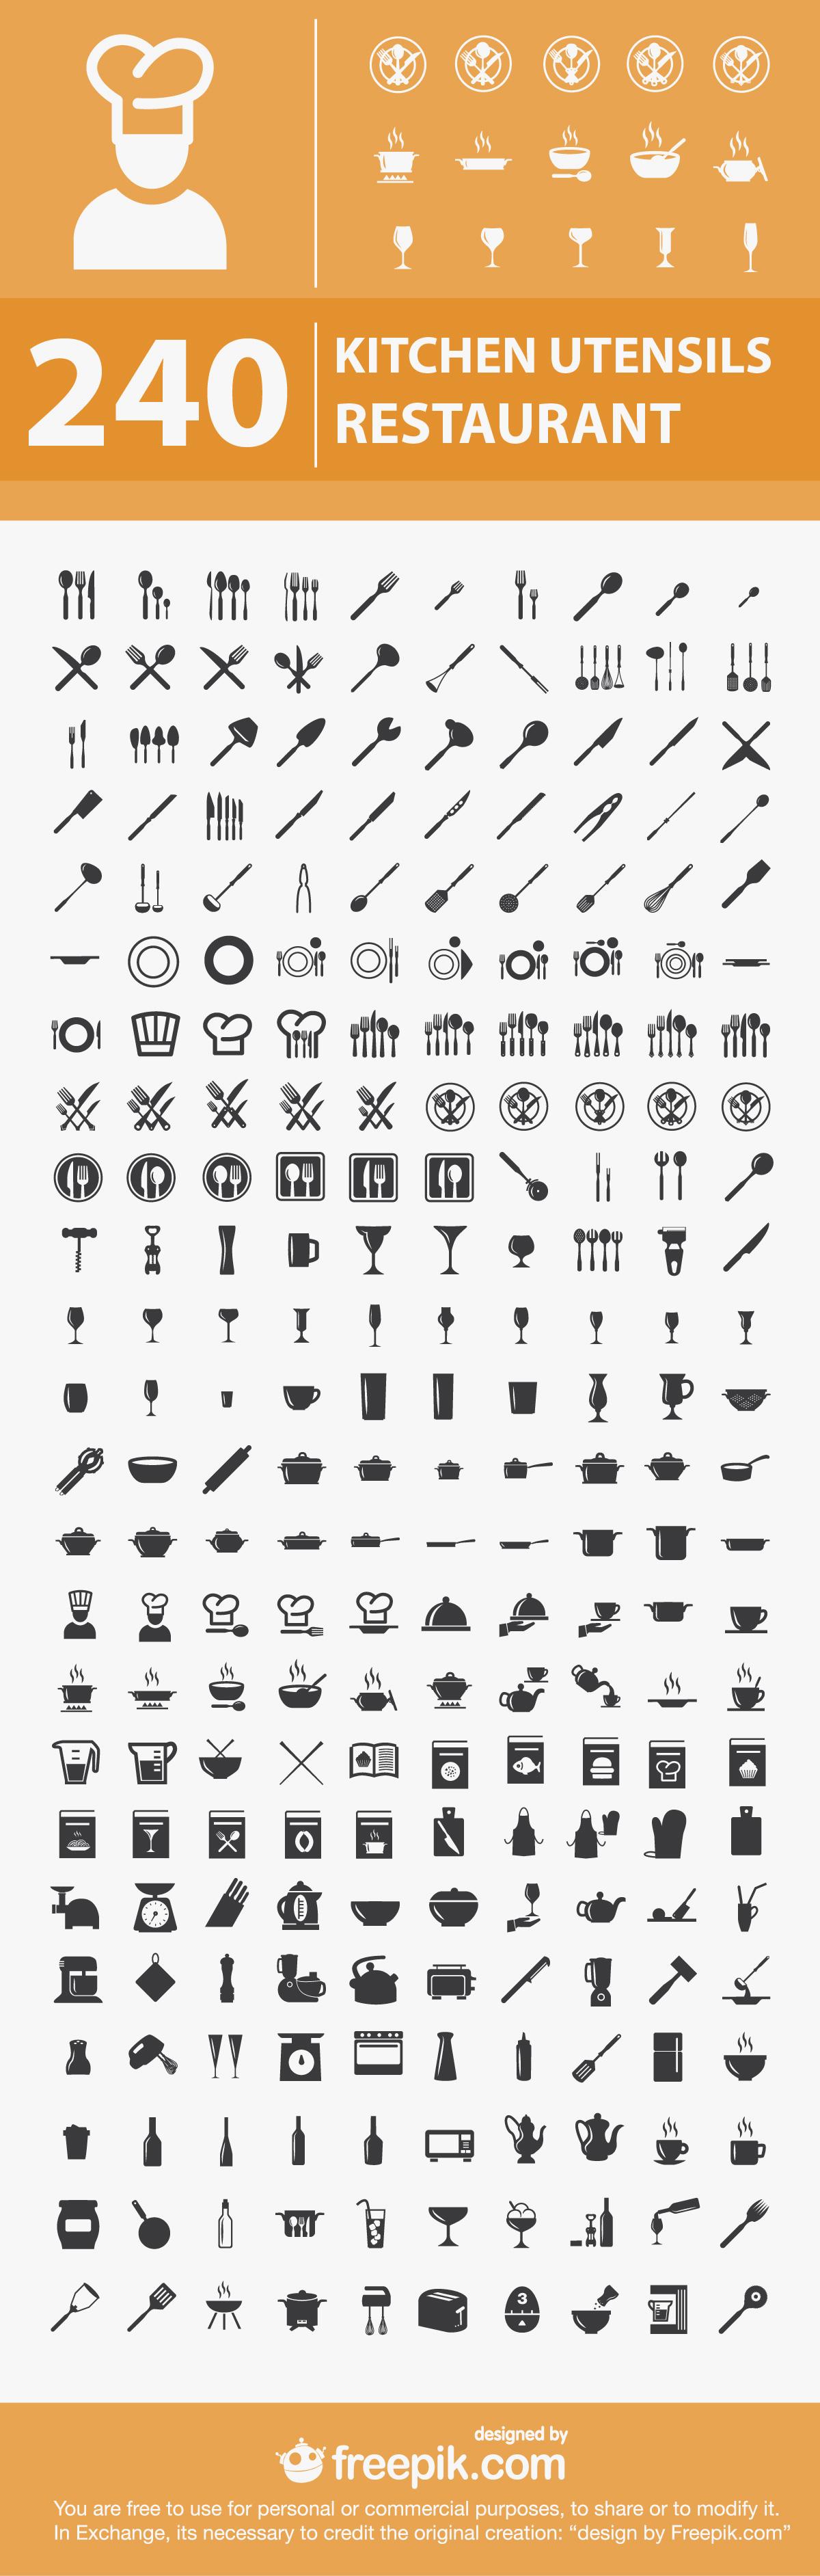 Kitchen-restaurant-utensils